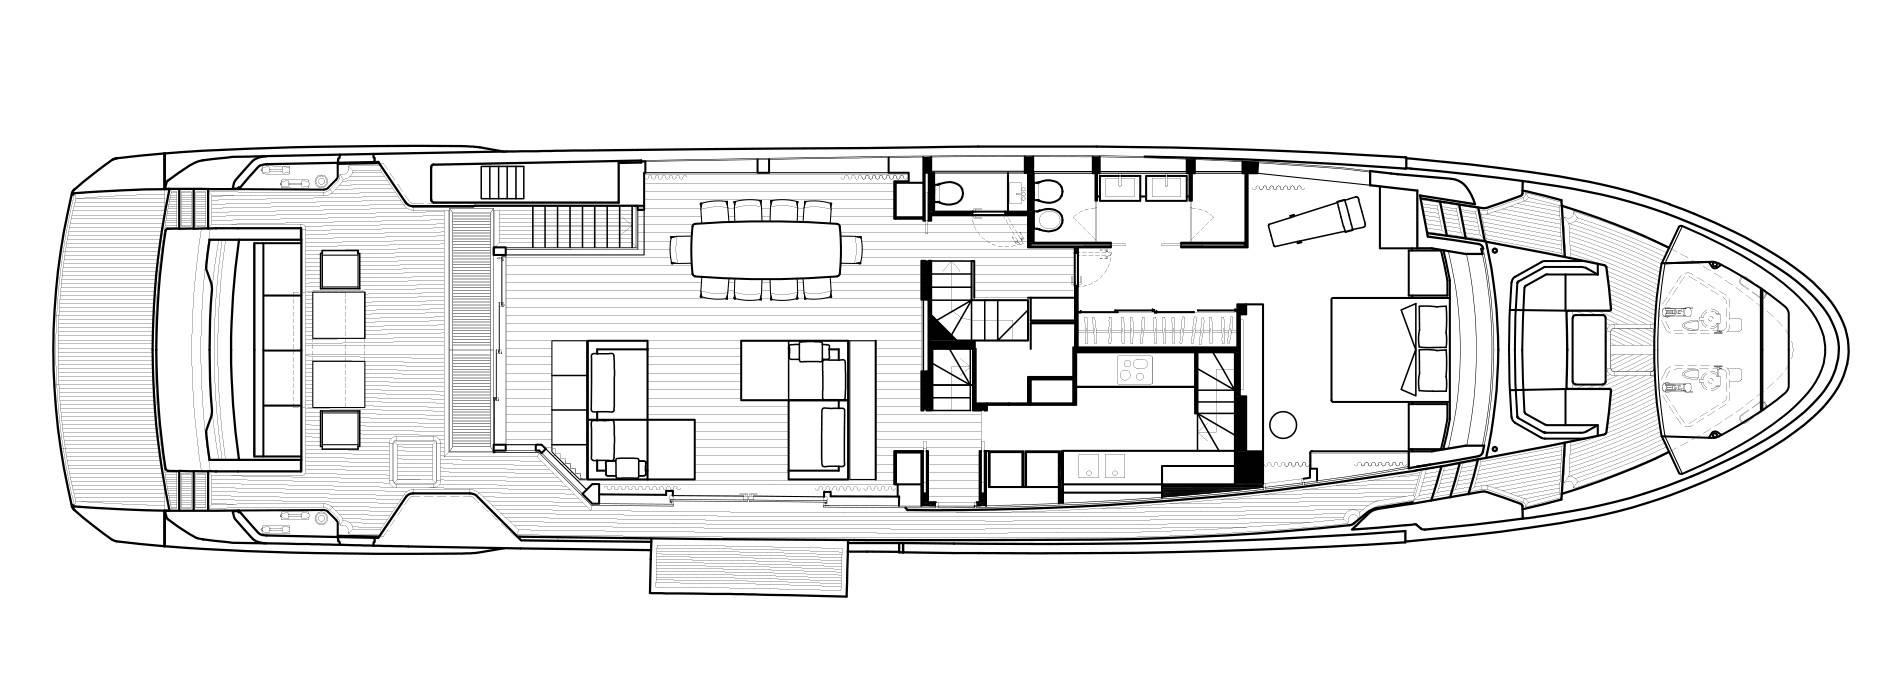 Sanlorenzo Yachts SL102 Asymmetric Main deck